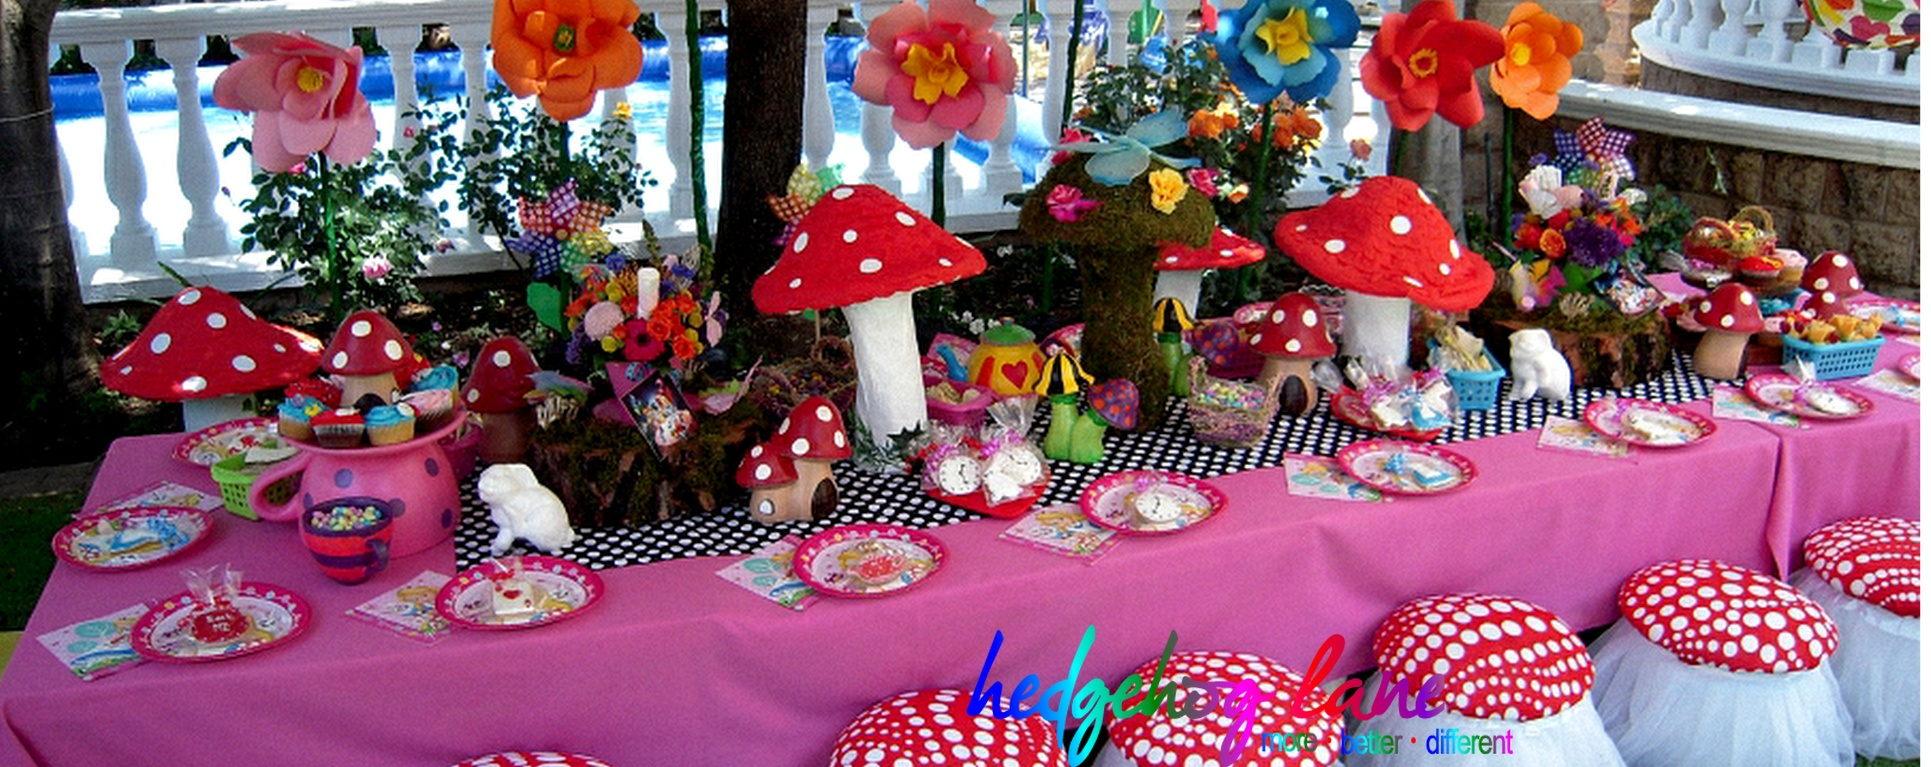 Wonderland Garden Decor